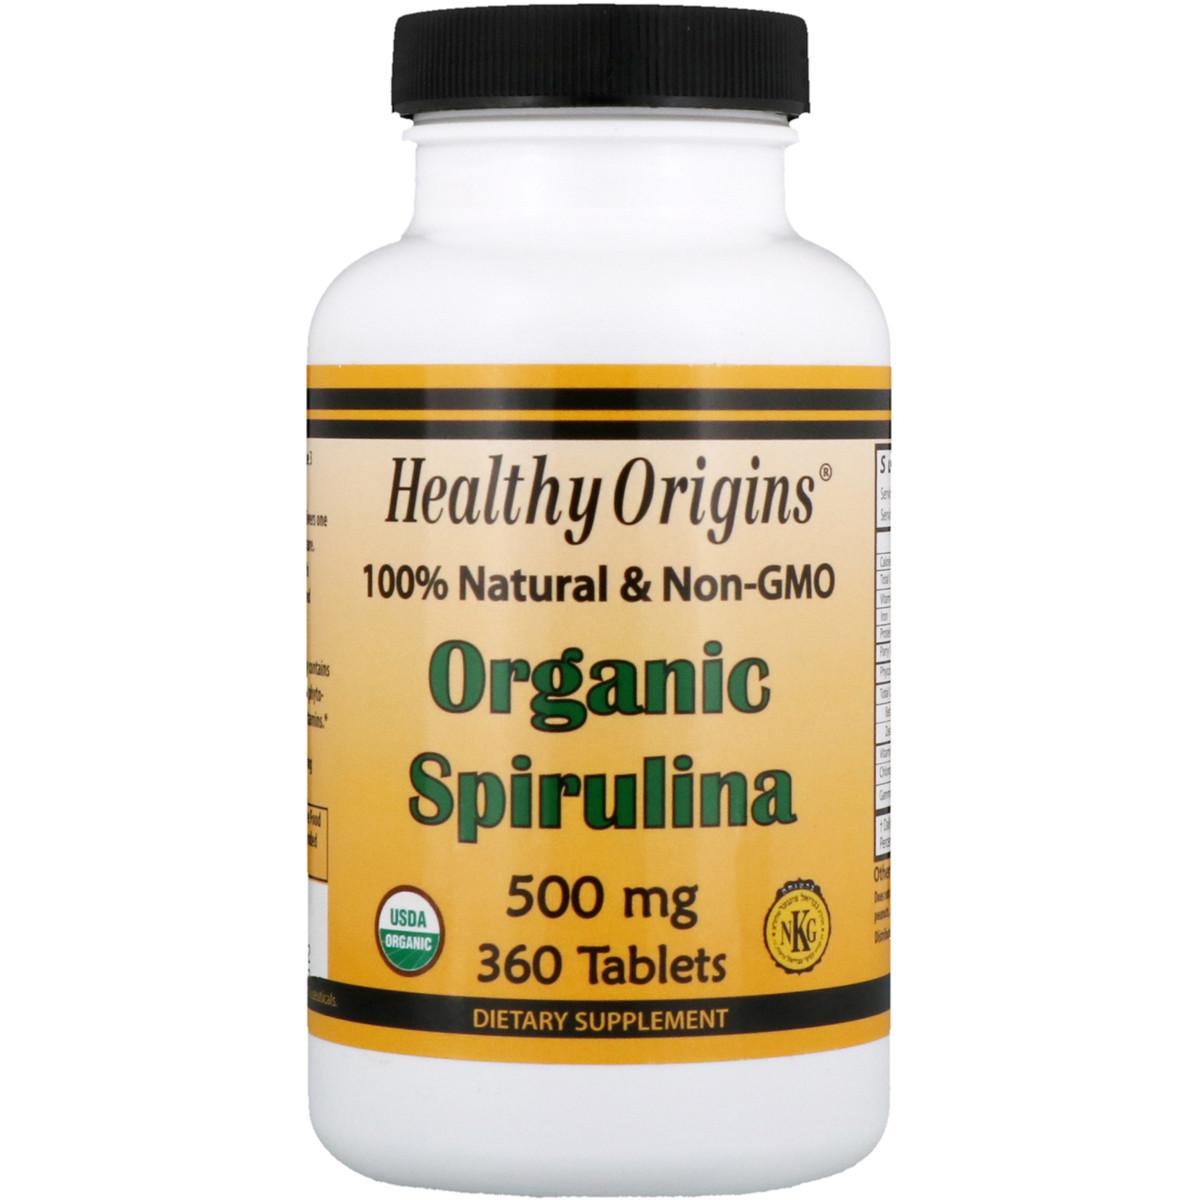 Органическая Спирулина, Organic Spirulina, Healthy Origins, 500 мг, 360 таблеток